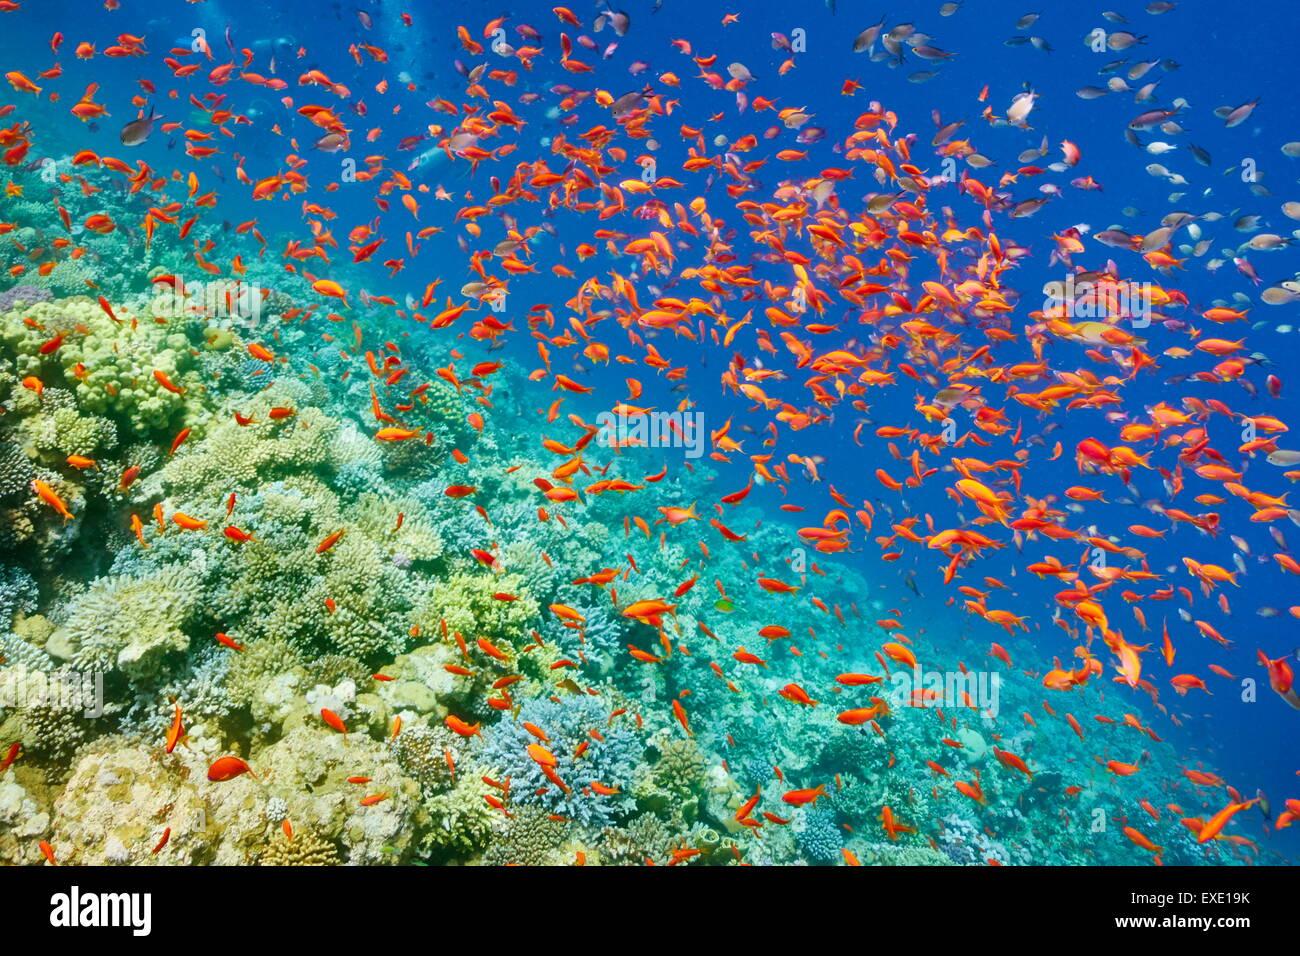 Photo sous-marine, banc de poissons sur la barrière de corail en mer Rouge, Egypte Photo Stock